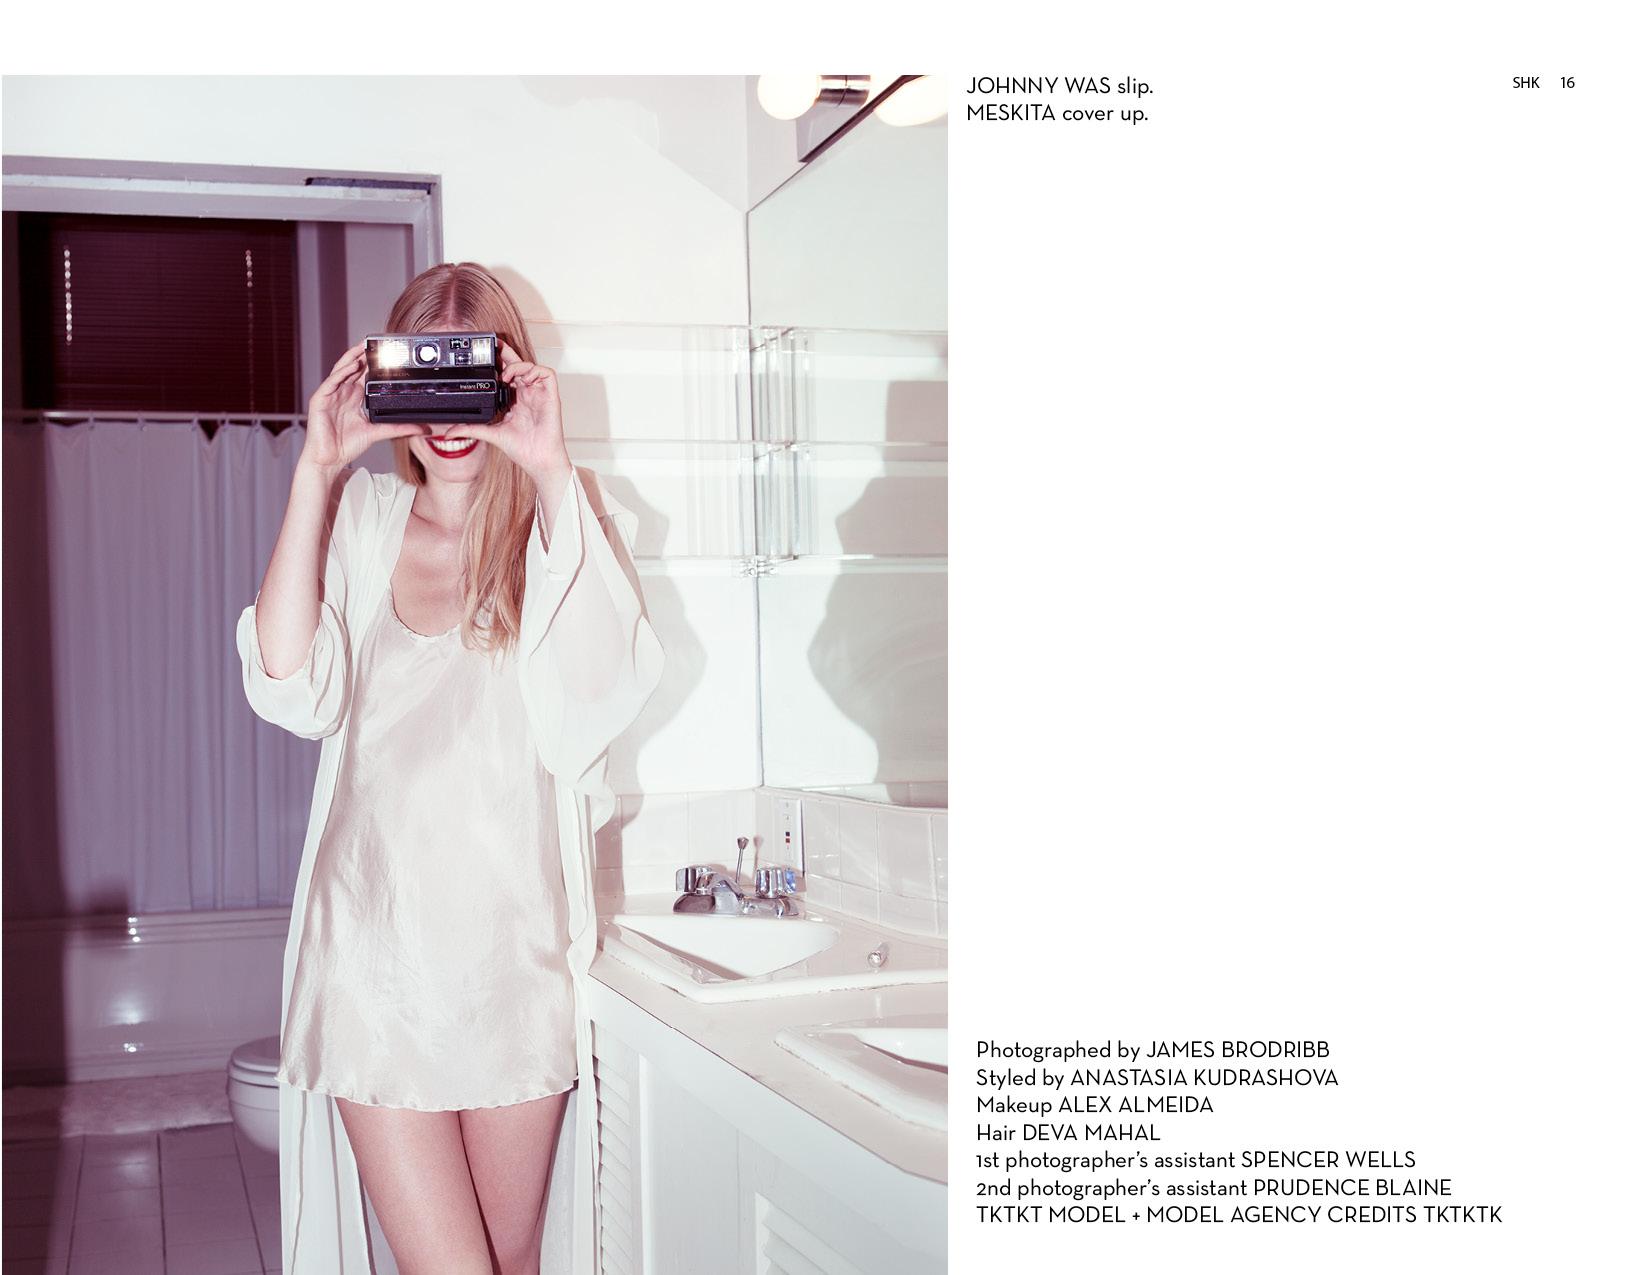 SHK-Summer-Issue-Summer-Needs-No-Explaination-201316.jpg